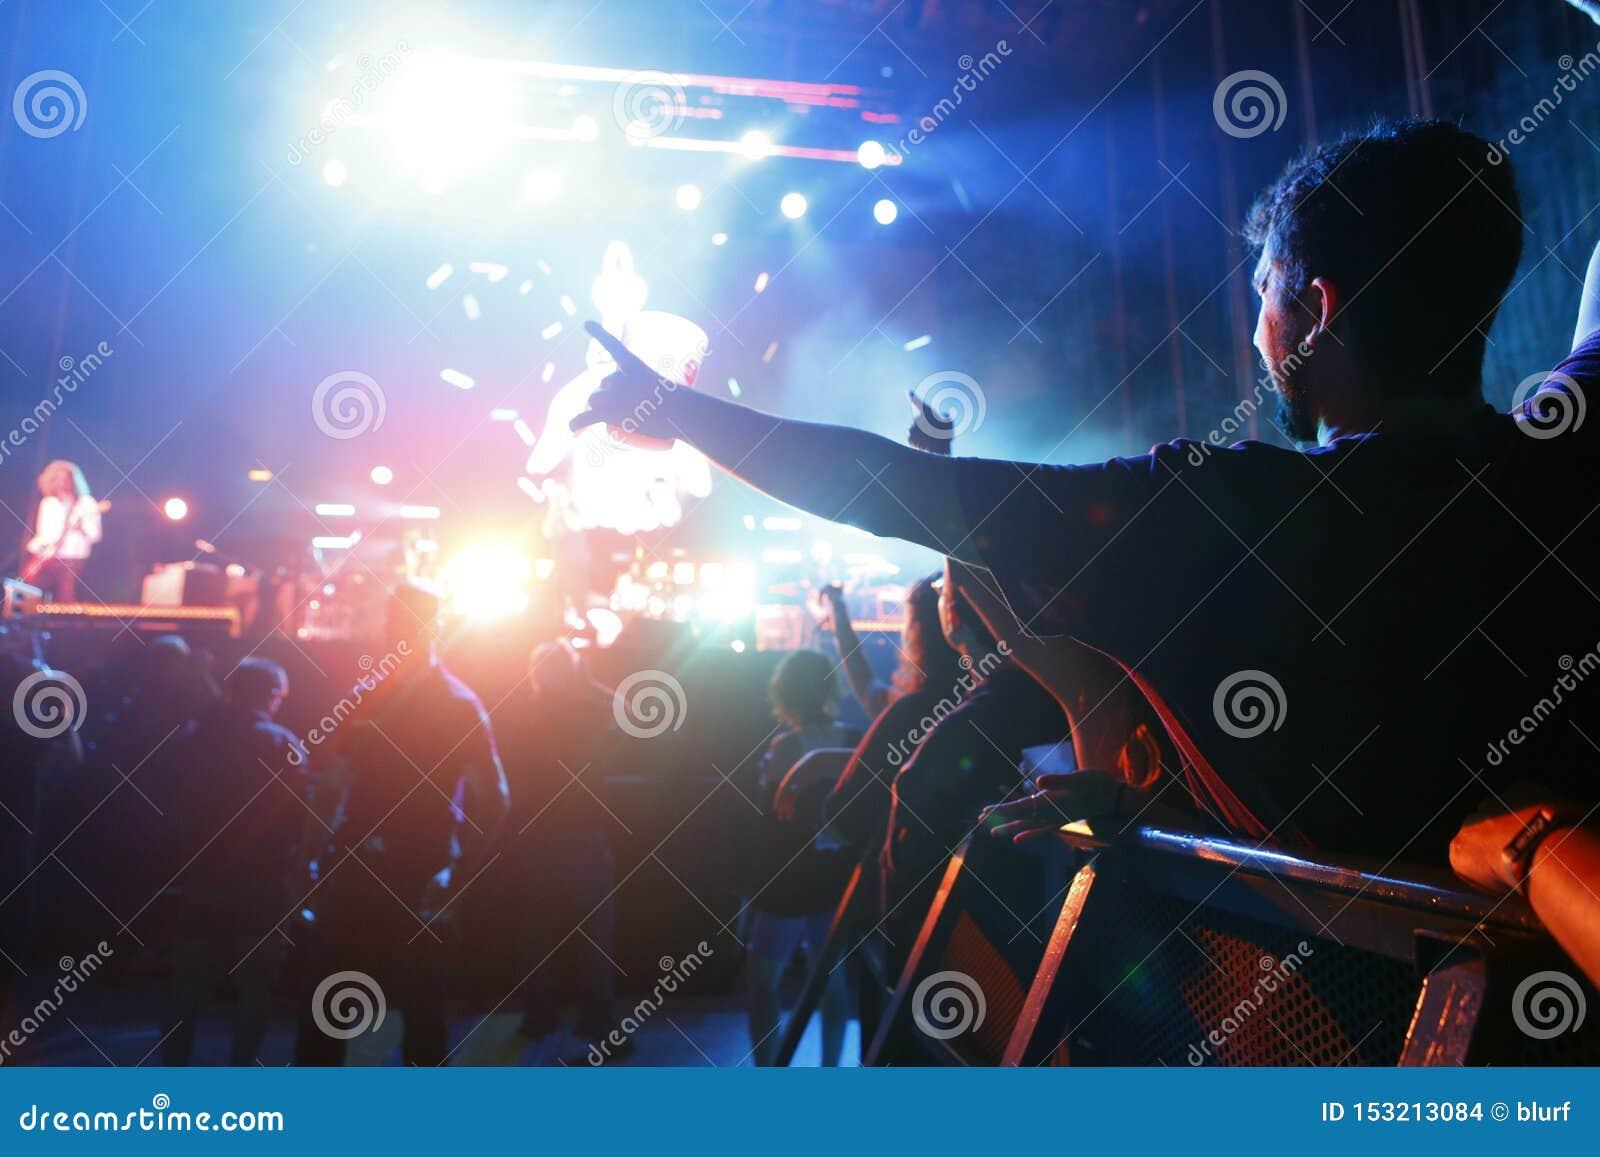 Ходоки фестиваля во время mallorca живут концерт фестиваля